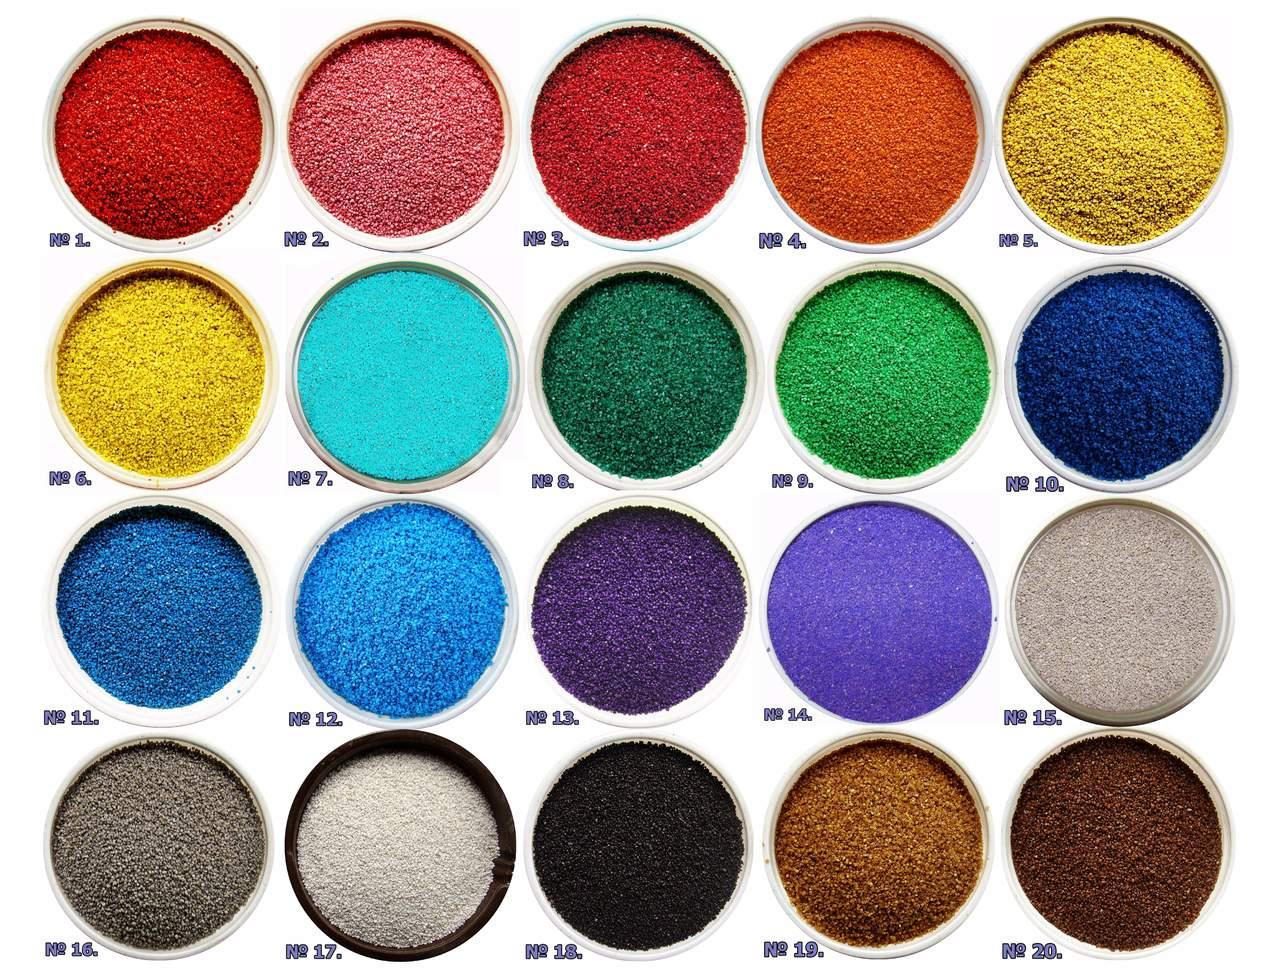 Цветной кварцевый песок купить из Ижевск курган строительная компания